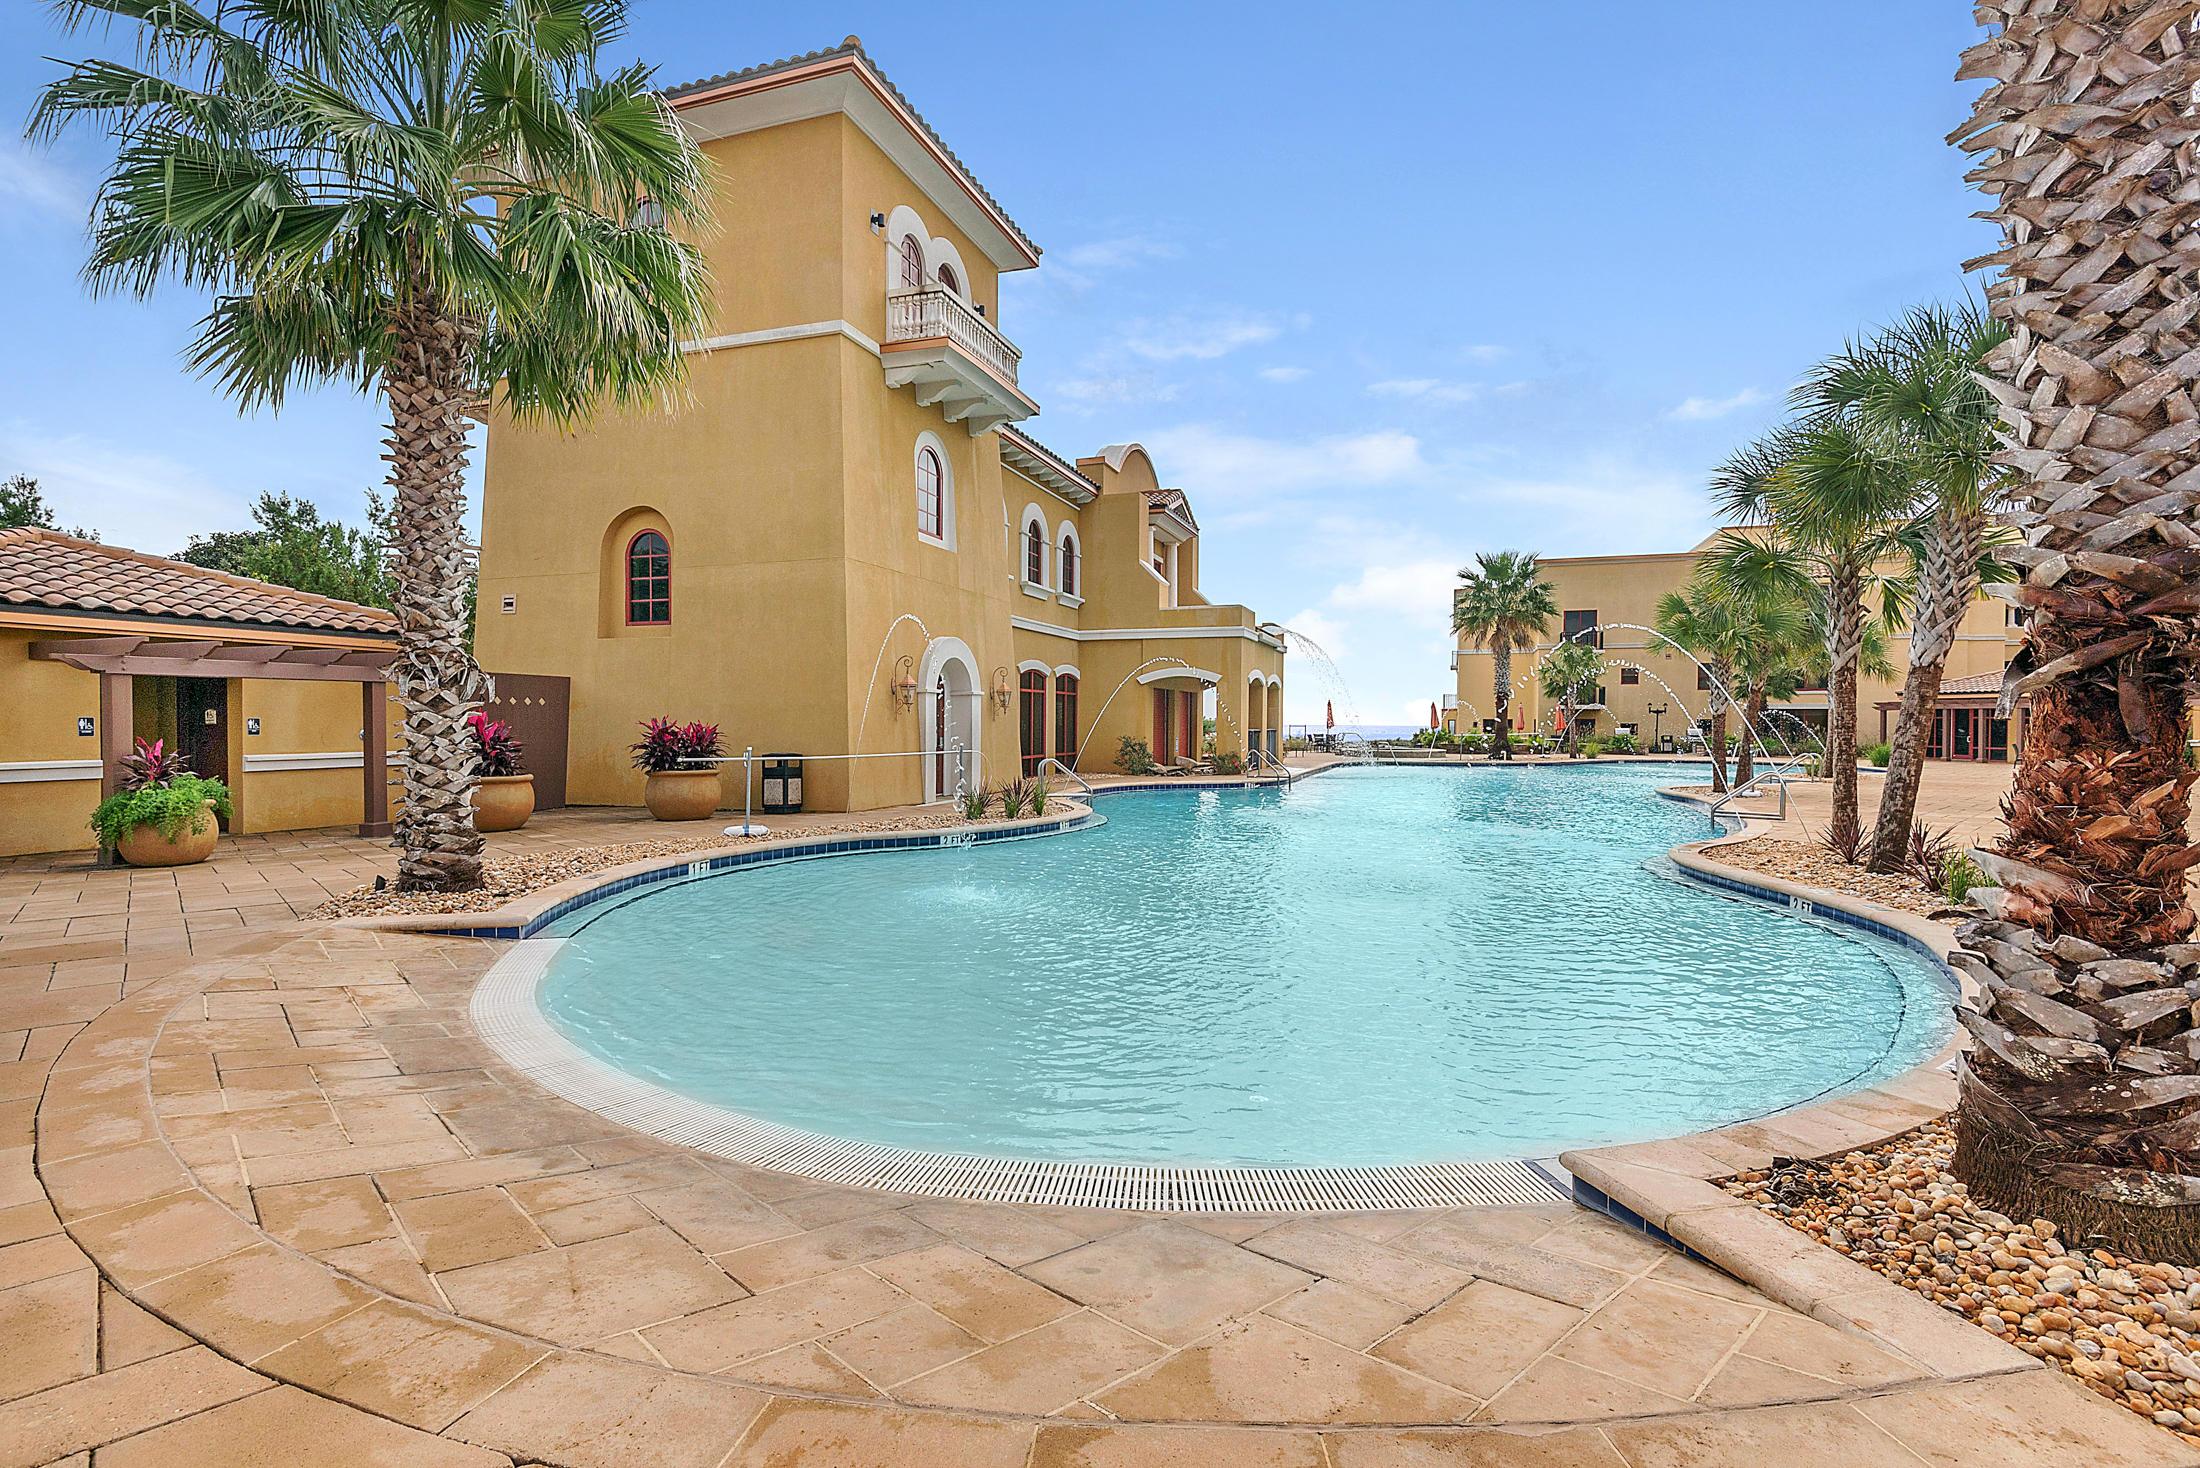 ResortQuest